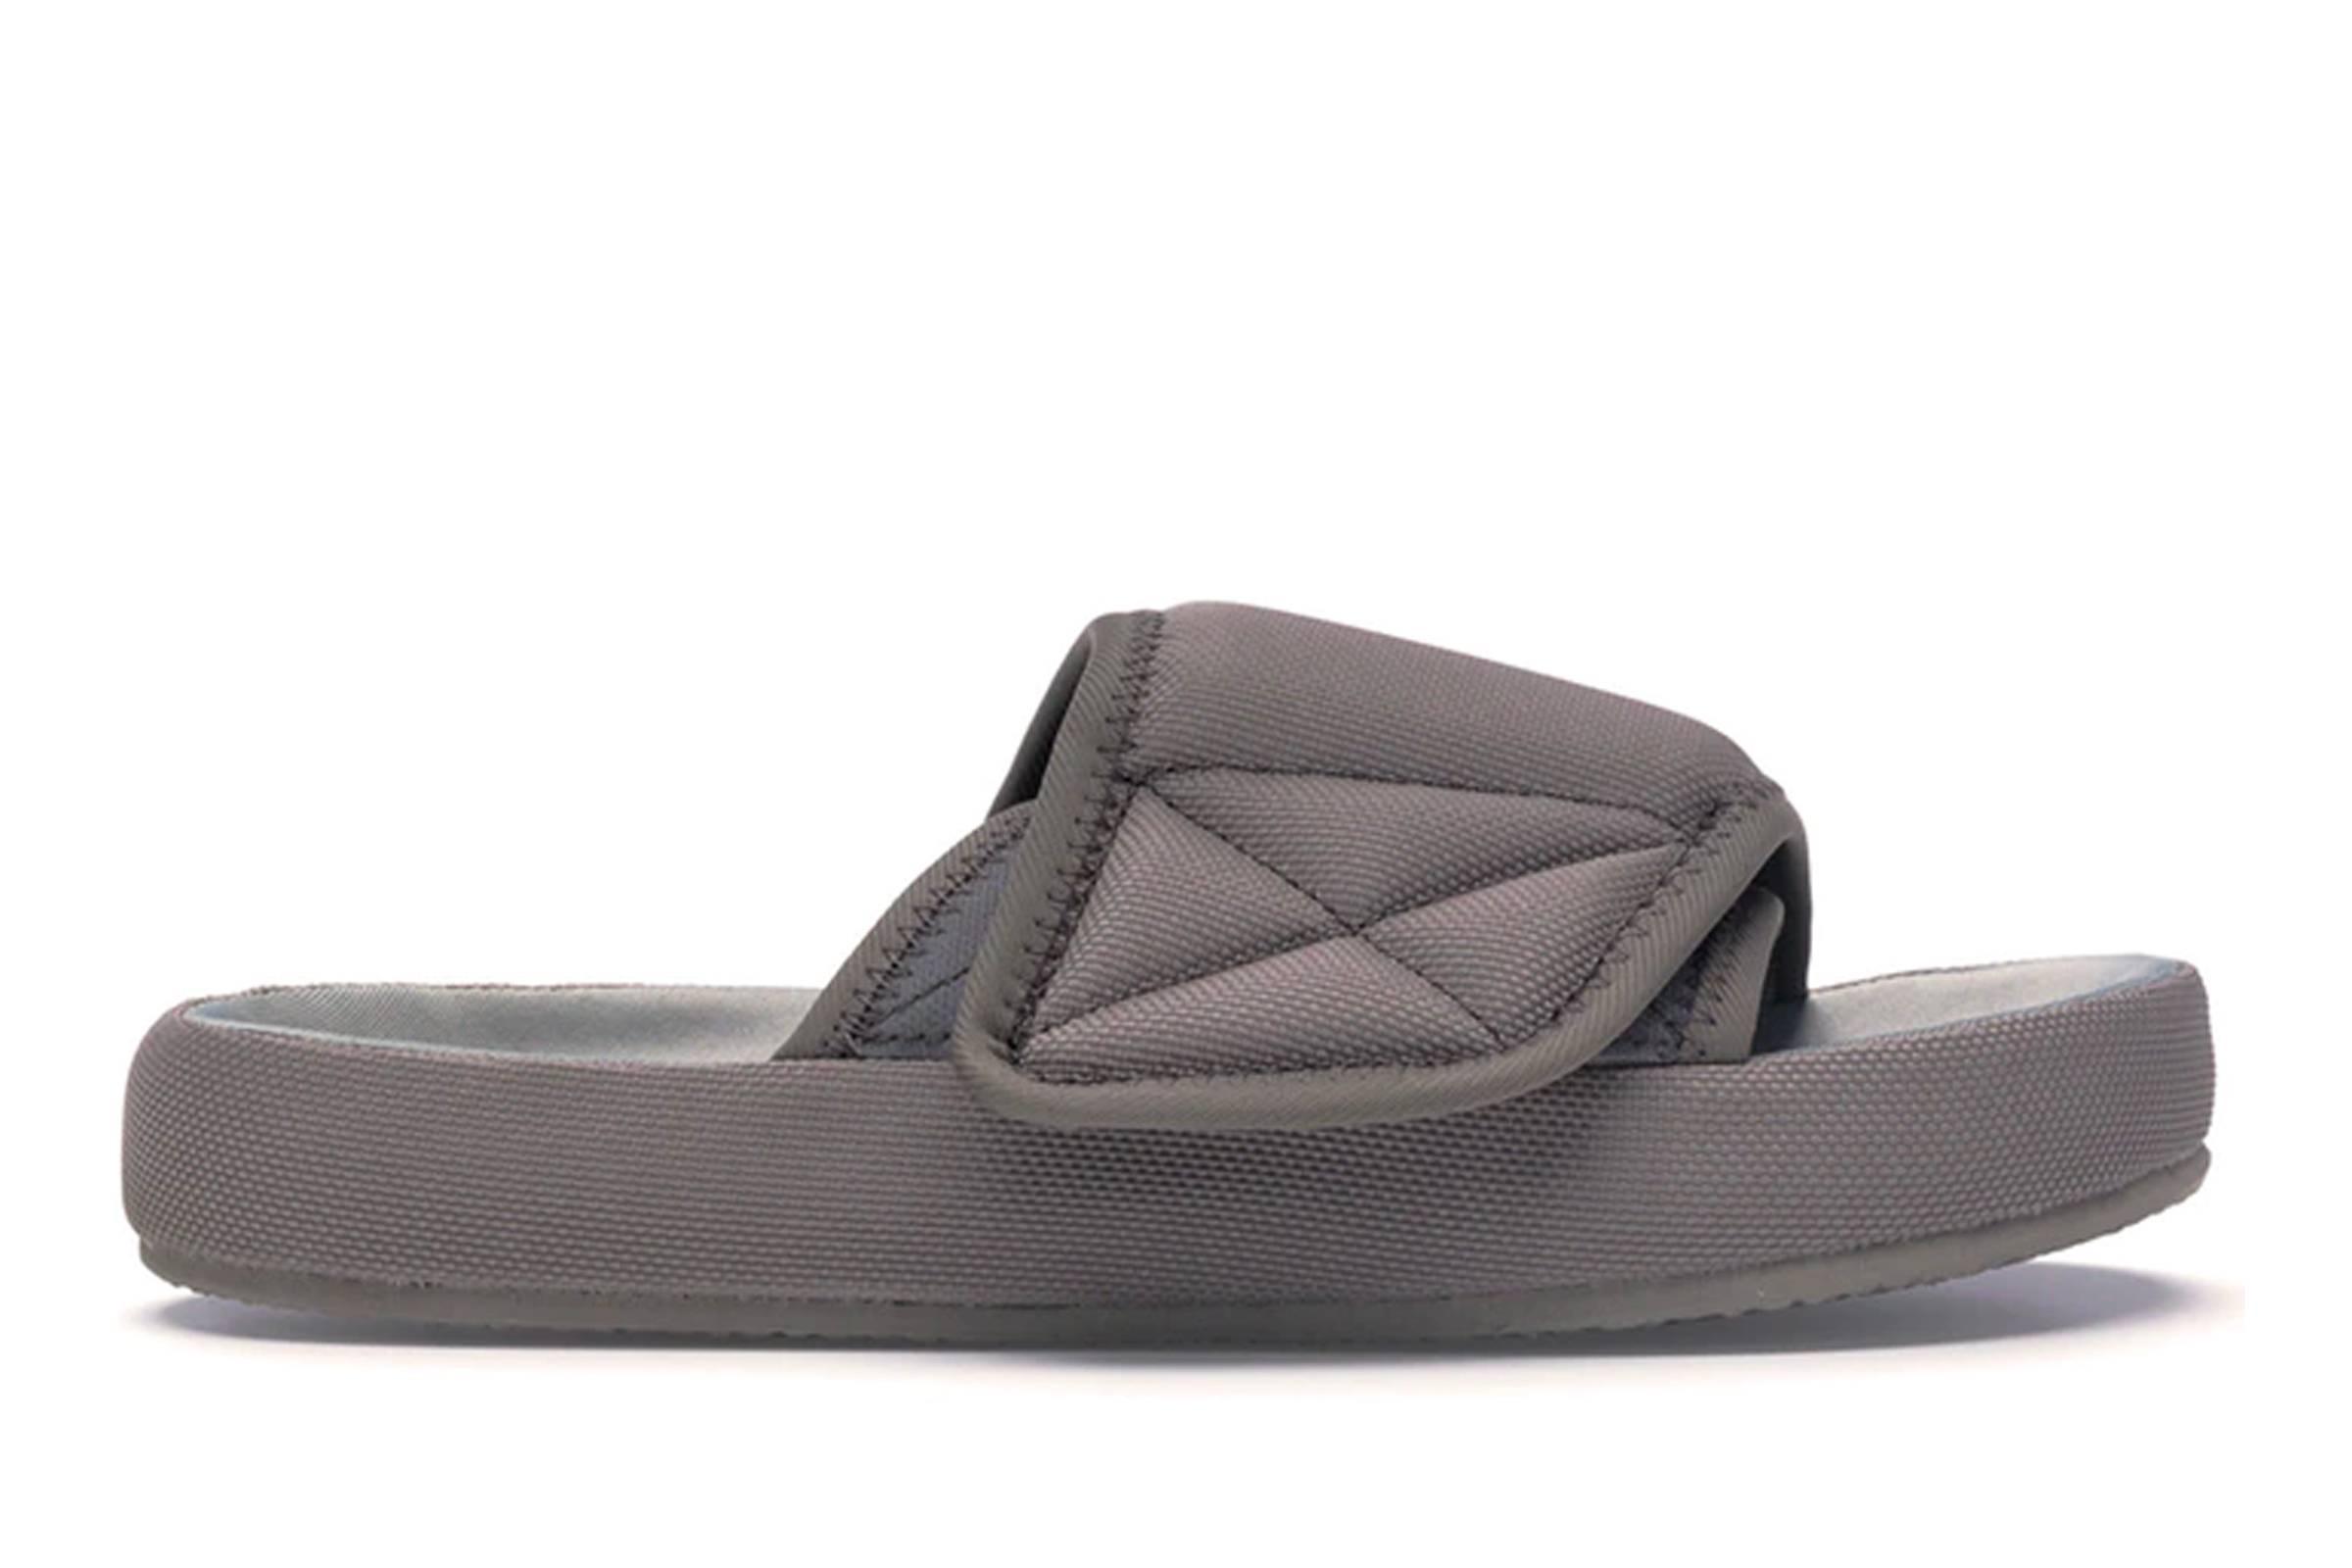 Other Yeezy Season Footwear Styles